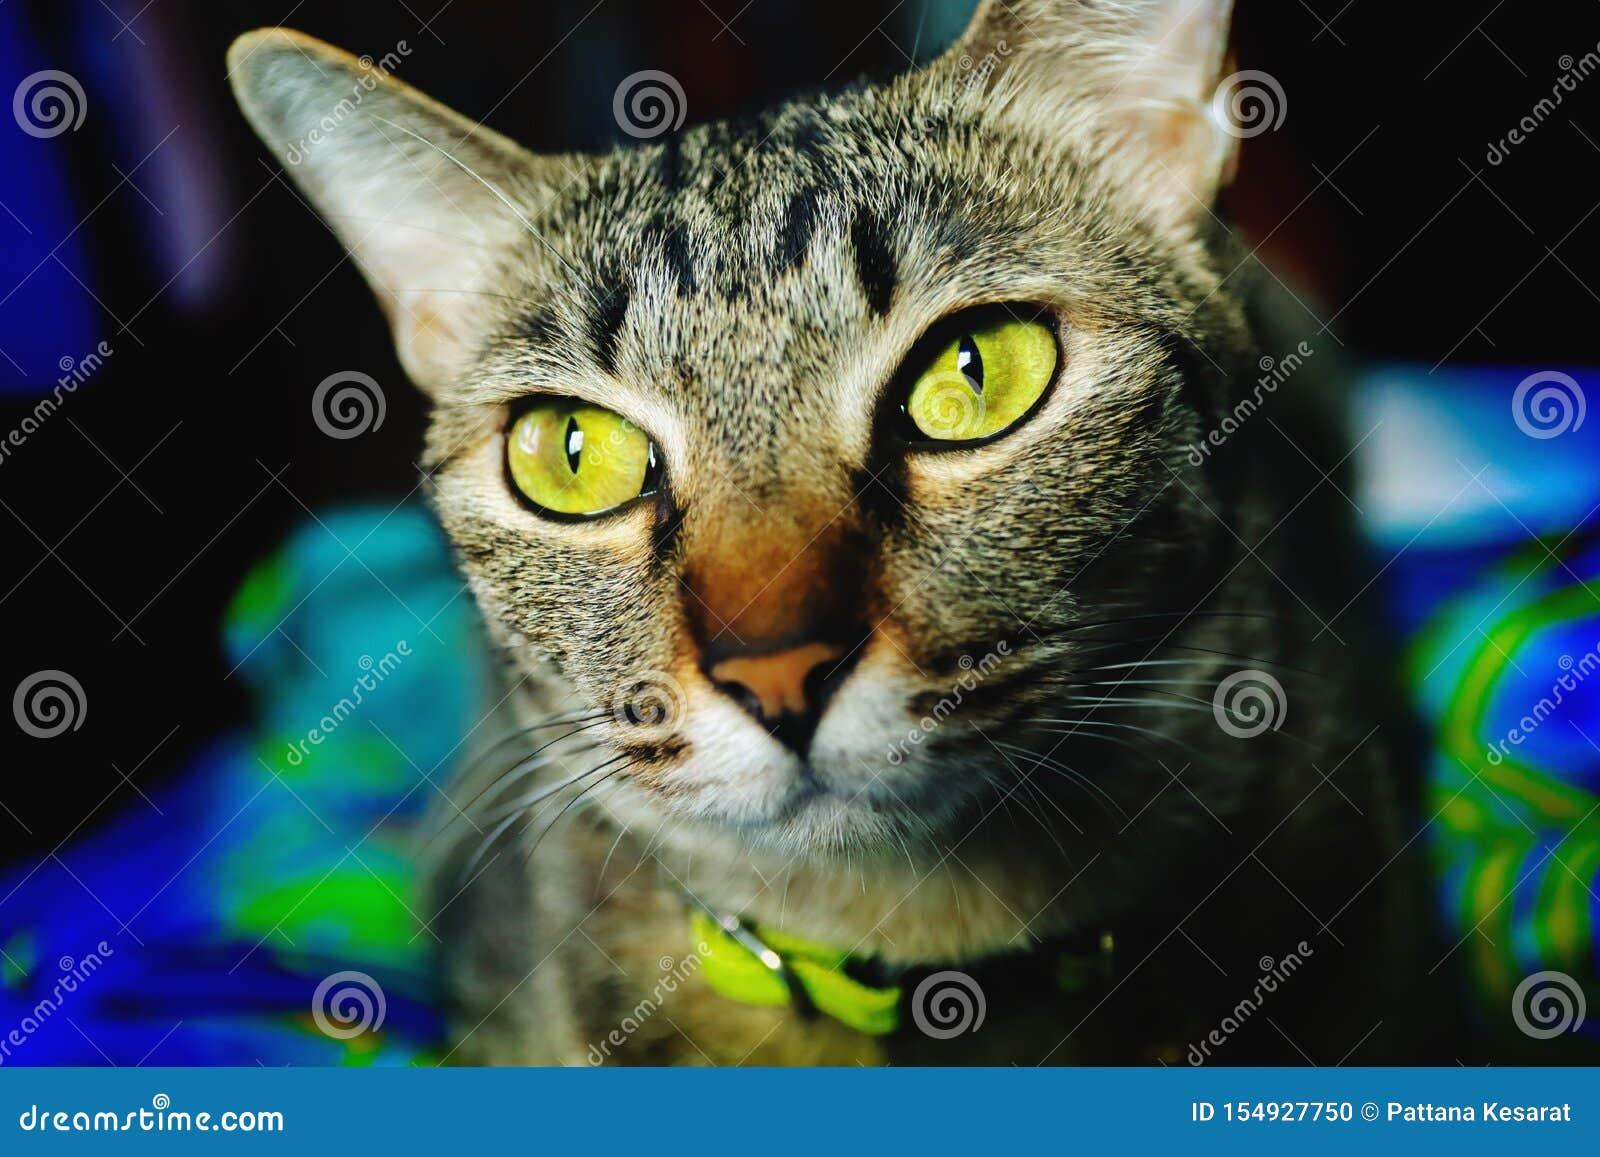 Nära övre huvud Tabby Cat